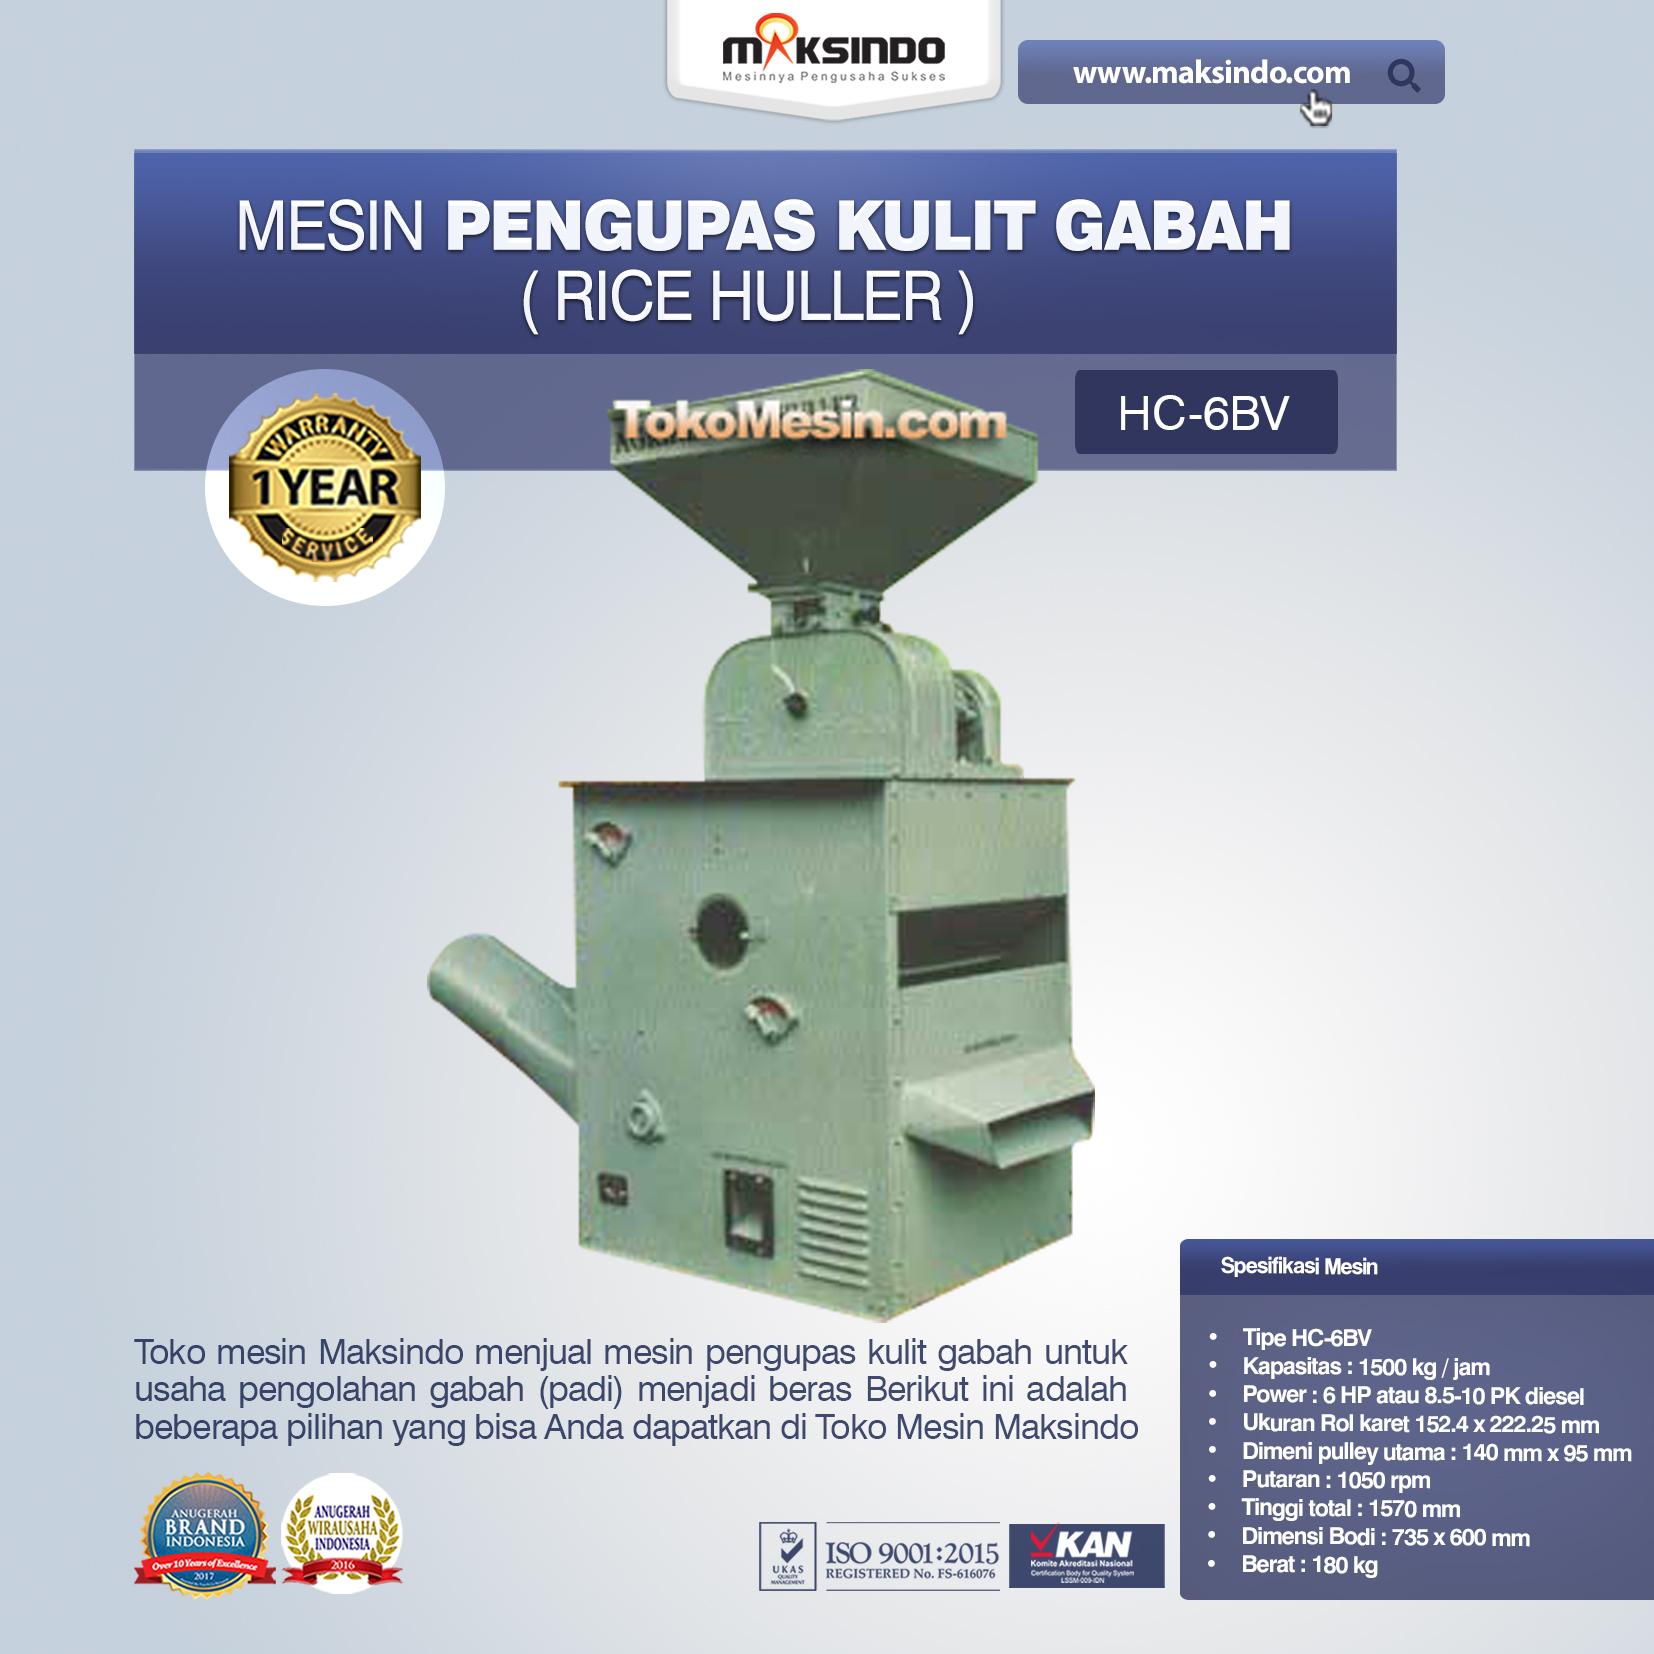 Mesin Pengupas Kulit Gabah (Rice Huller) HC-6BV